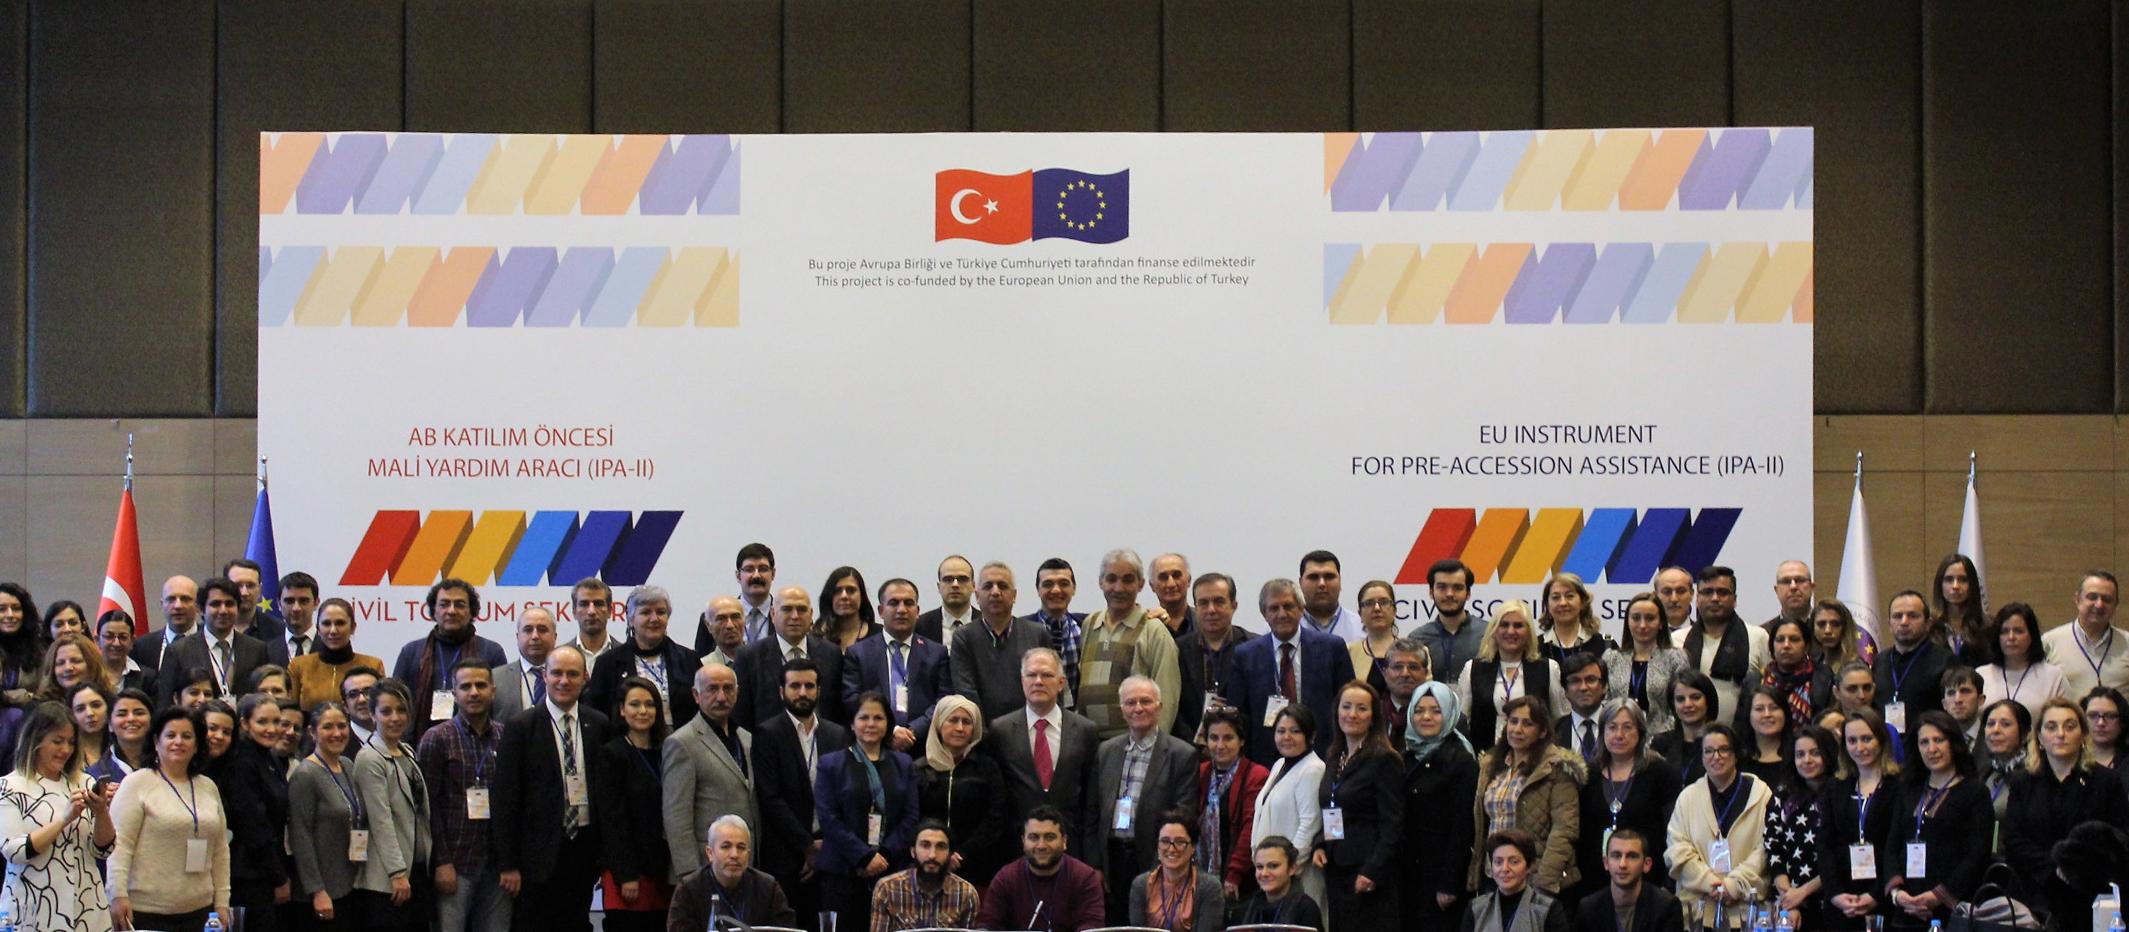 Sivil Toplum Sektörü Çalıştayı, Şubat 2017, Ankara